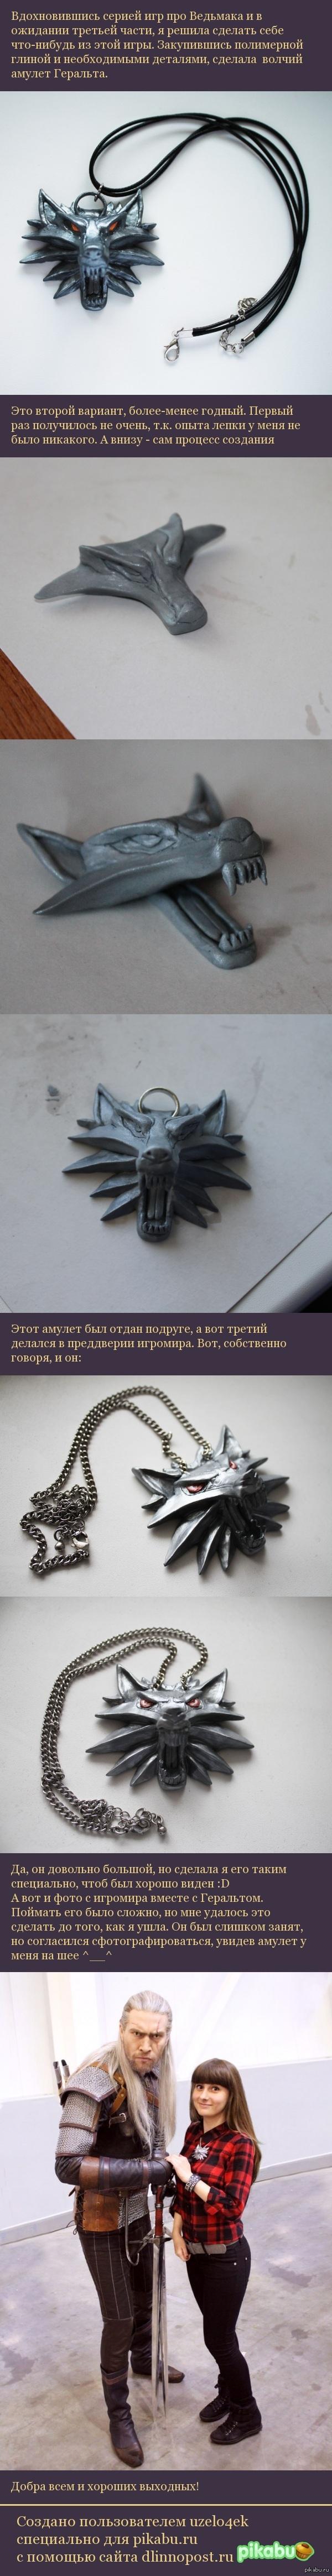 Длиннопост. Медальон ведьмака своими руками. Методом проб и ошибок...